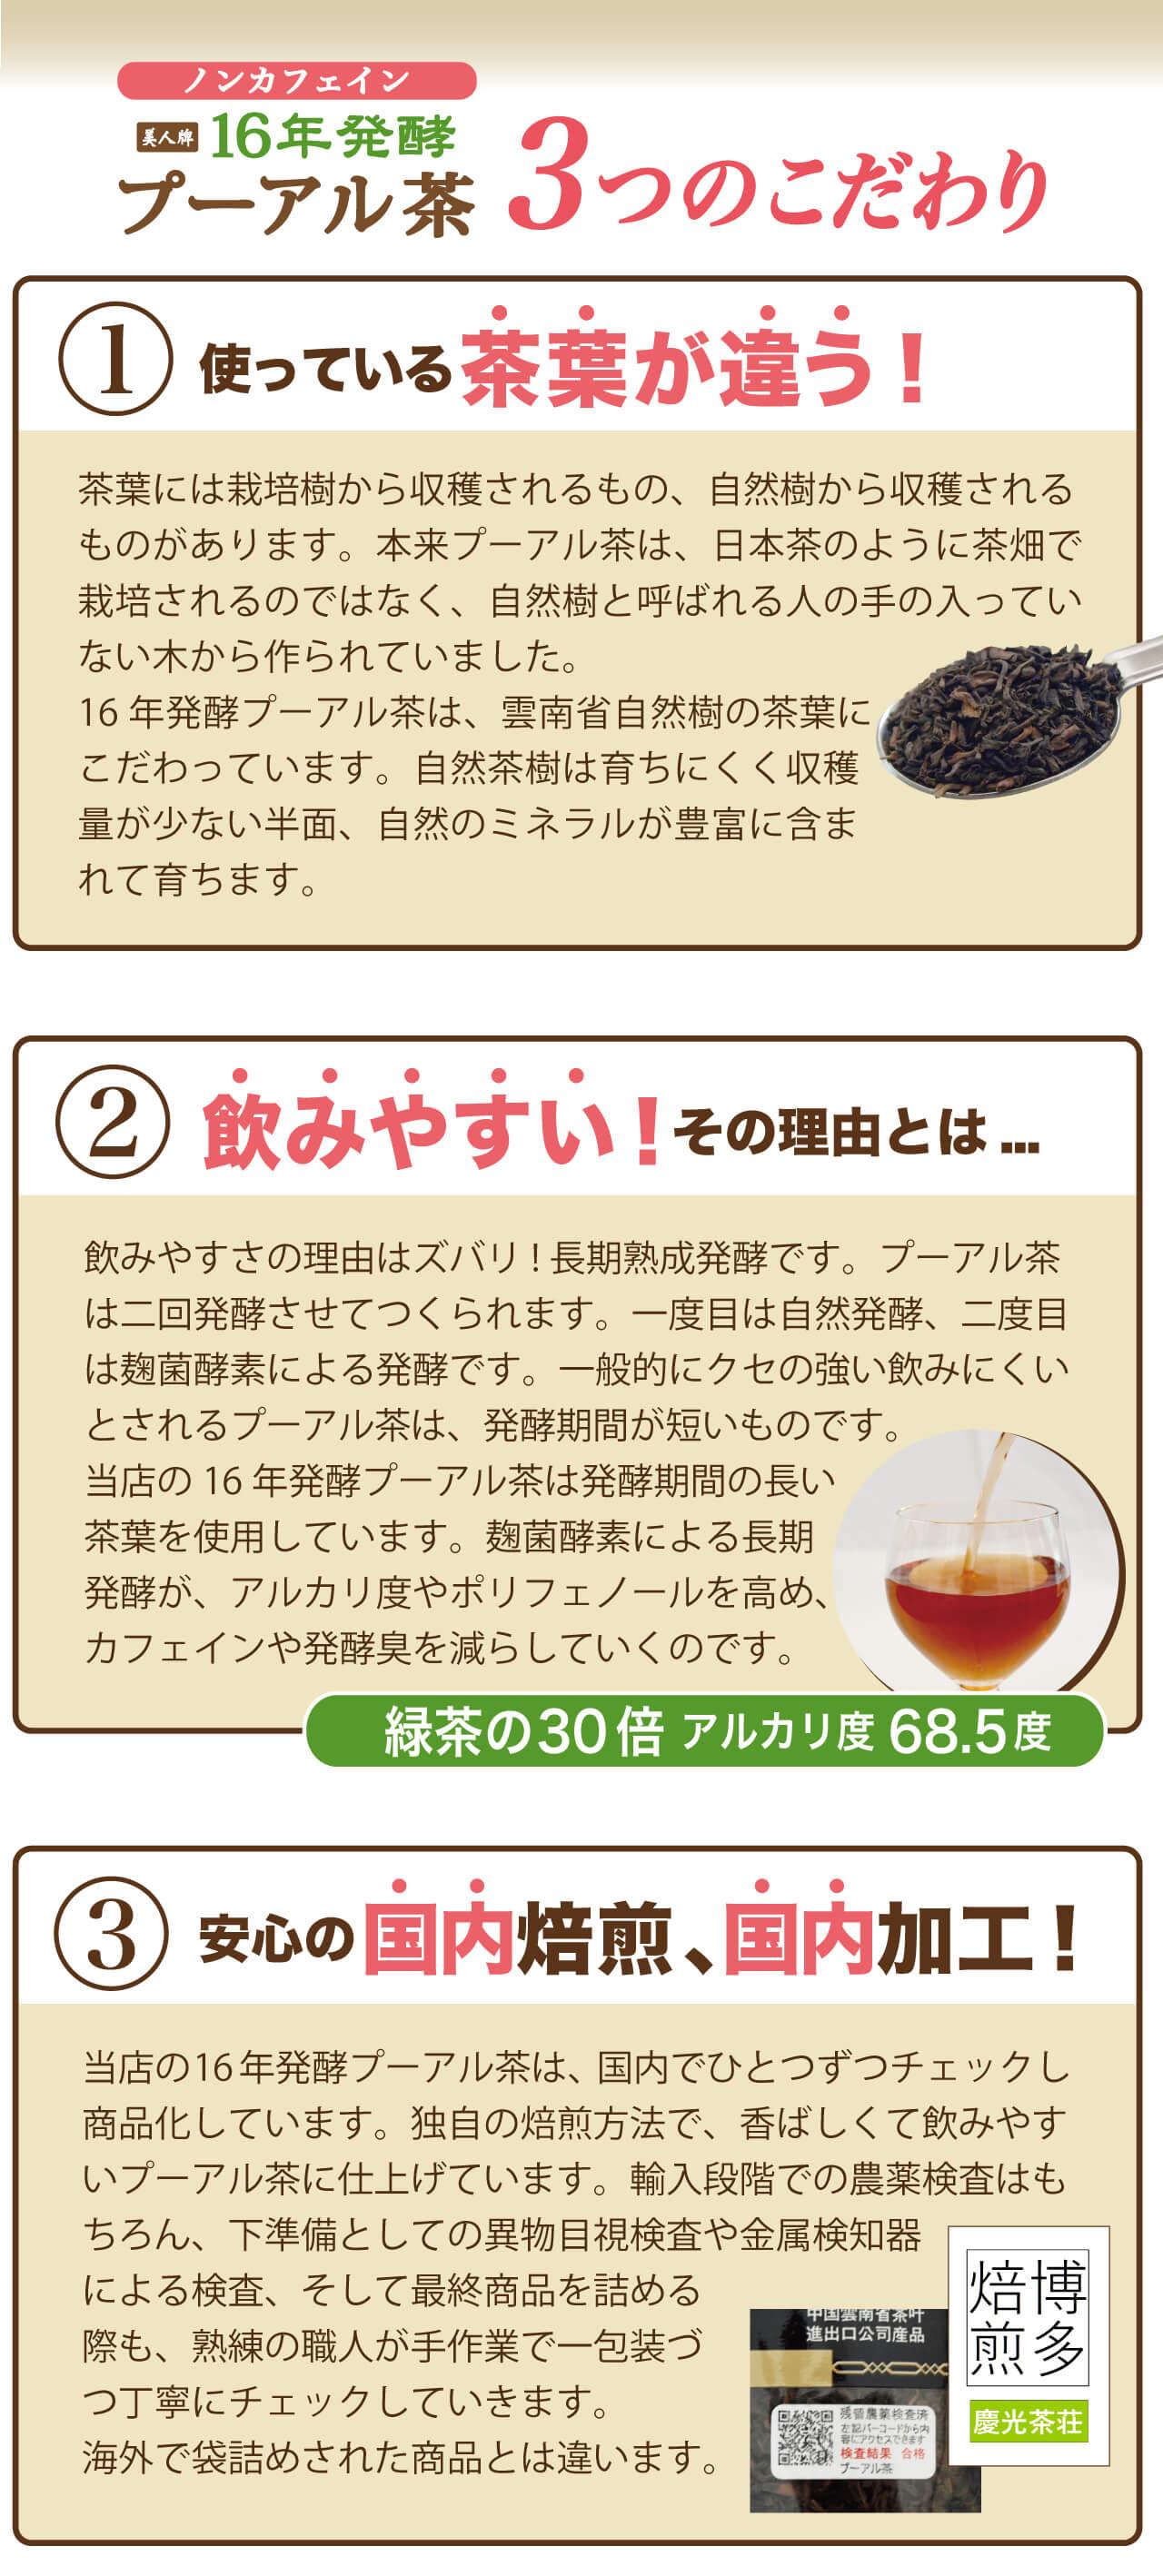 慶光茶荘のプーアル茶3つのこだわり 茶葉が違う 飲みやすい 安心の国内焙煎・国内加工